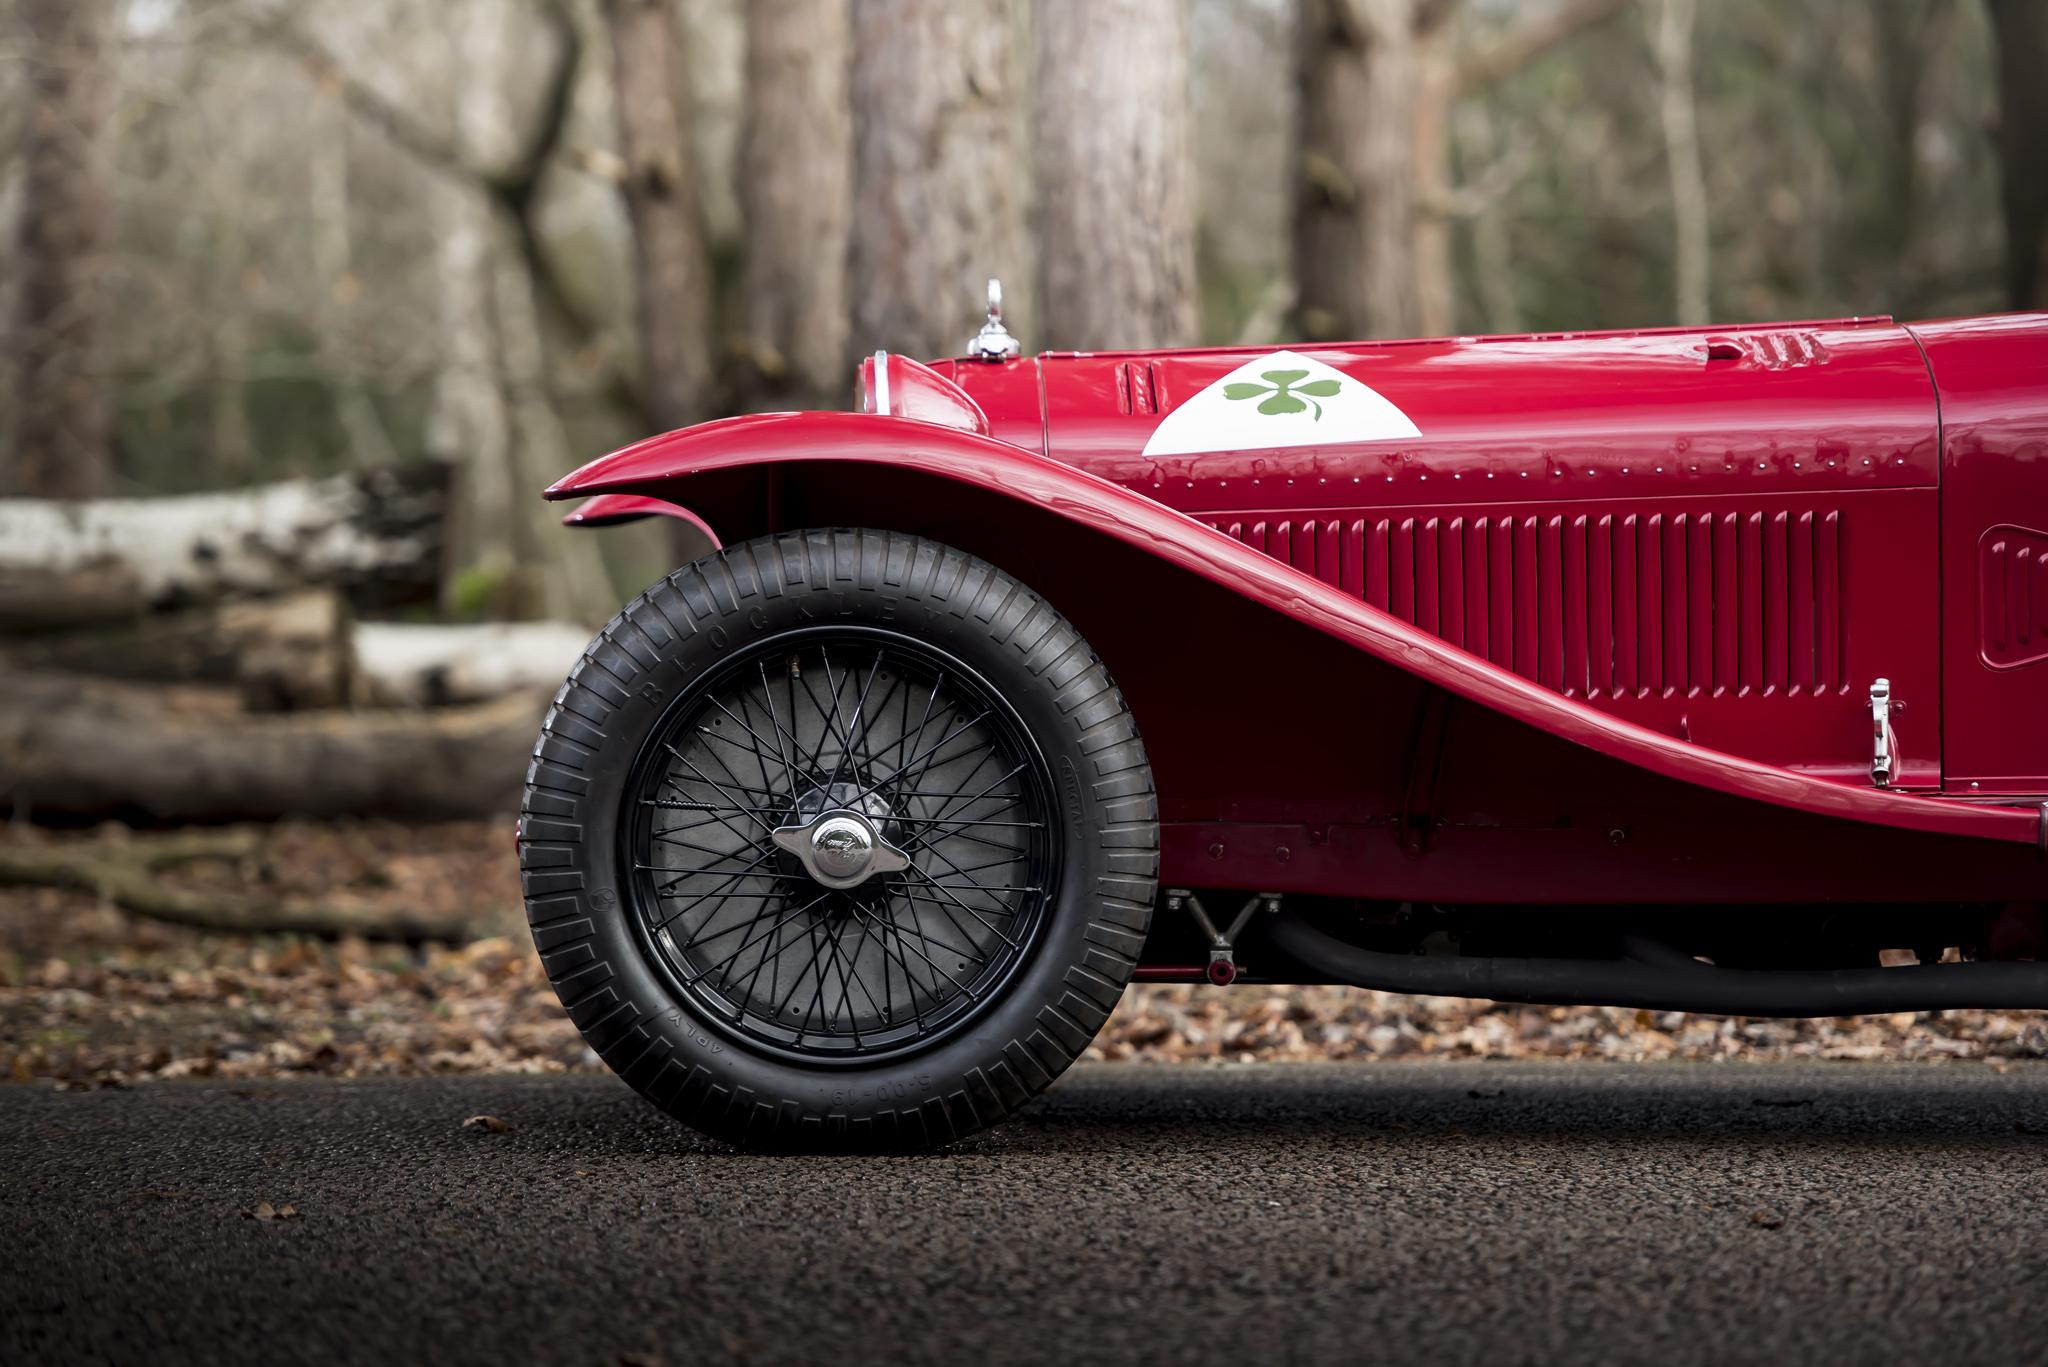 1931 alfa romeo 8c 2300 zagato spider cars for sale fiskens. Black Bedroom Furniture Sets. Home Design Ideas